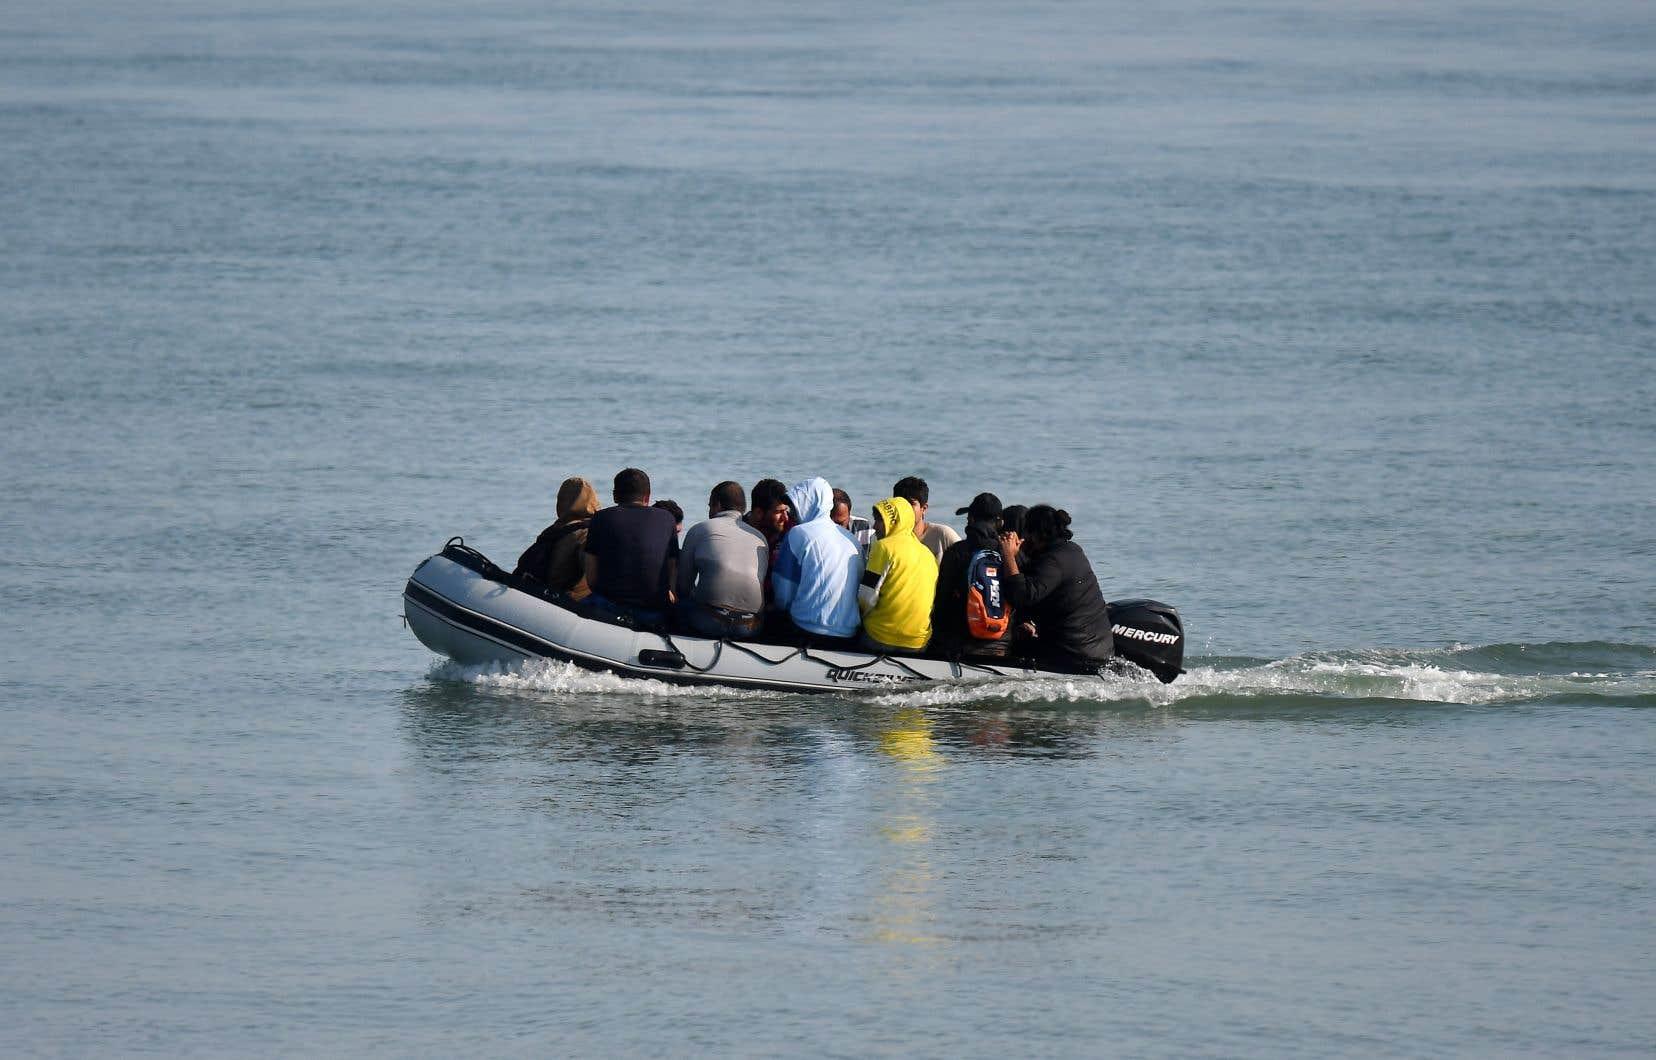 Depuis le début de l'année 2021, au moins 866 migrants sont morts ou disparus en tentant de traverser la Méditerranée.